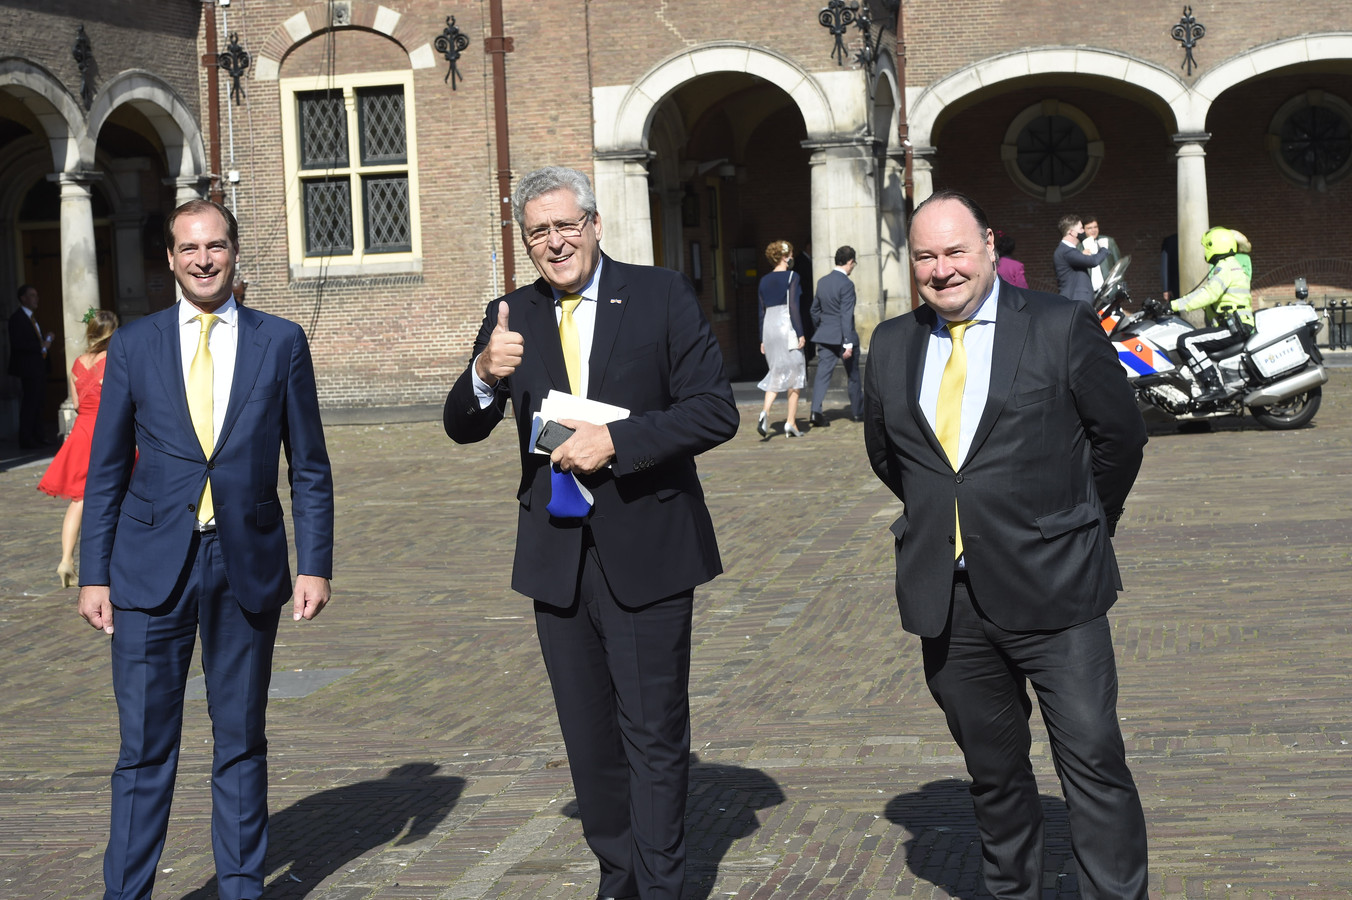 Op de foto van links naar rechts: secretaris Jeroen de Vries, politiek leider Henk Krol en partijvoorzitter Henk Otten van de Partij voor de Toekomst tijdens Prinsjesdag.